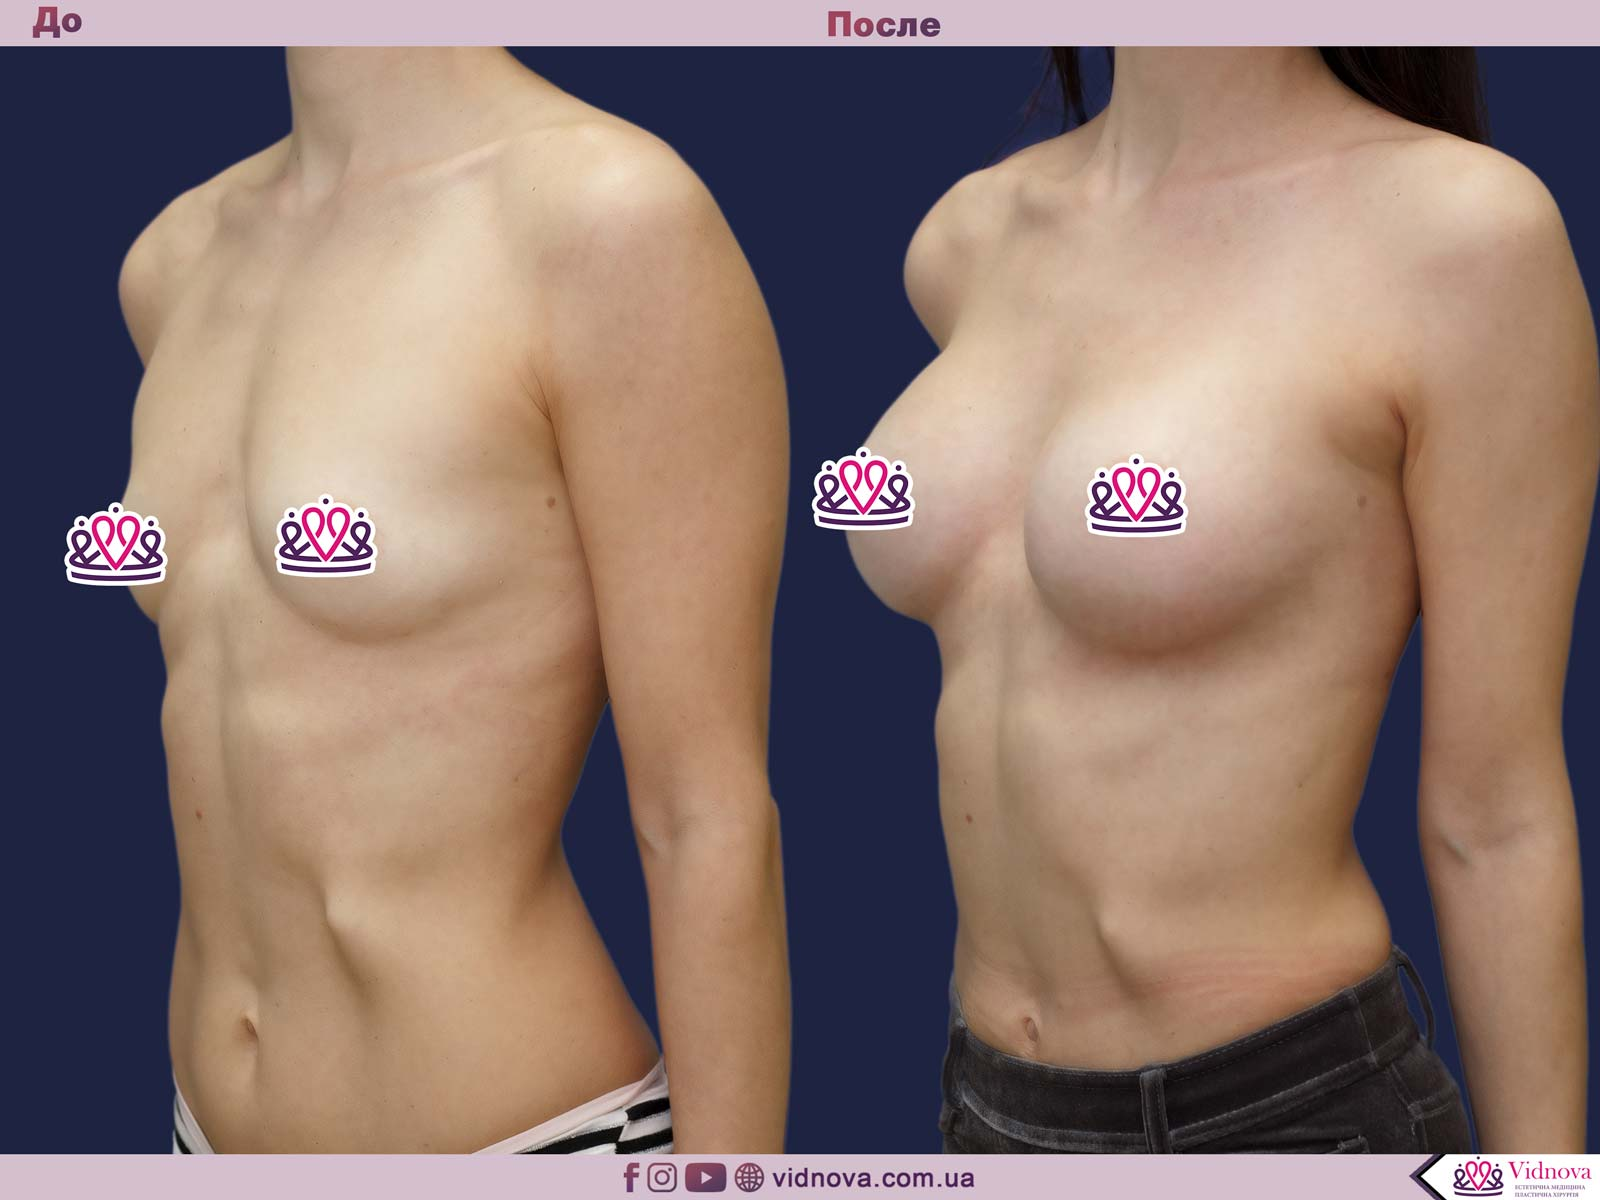 Пластика груди: результаты до и после - Пример №23-1 - Светлана Работенко